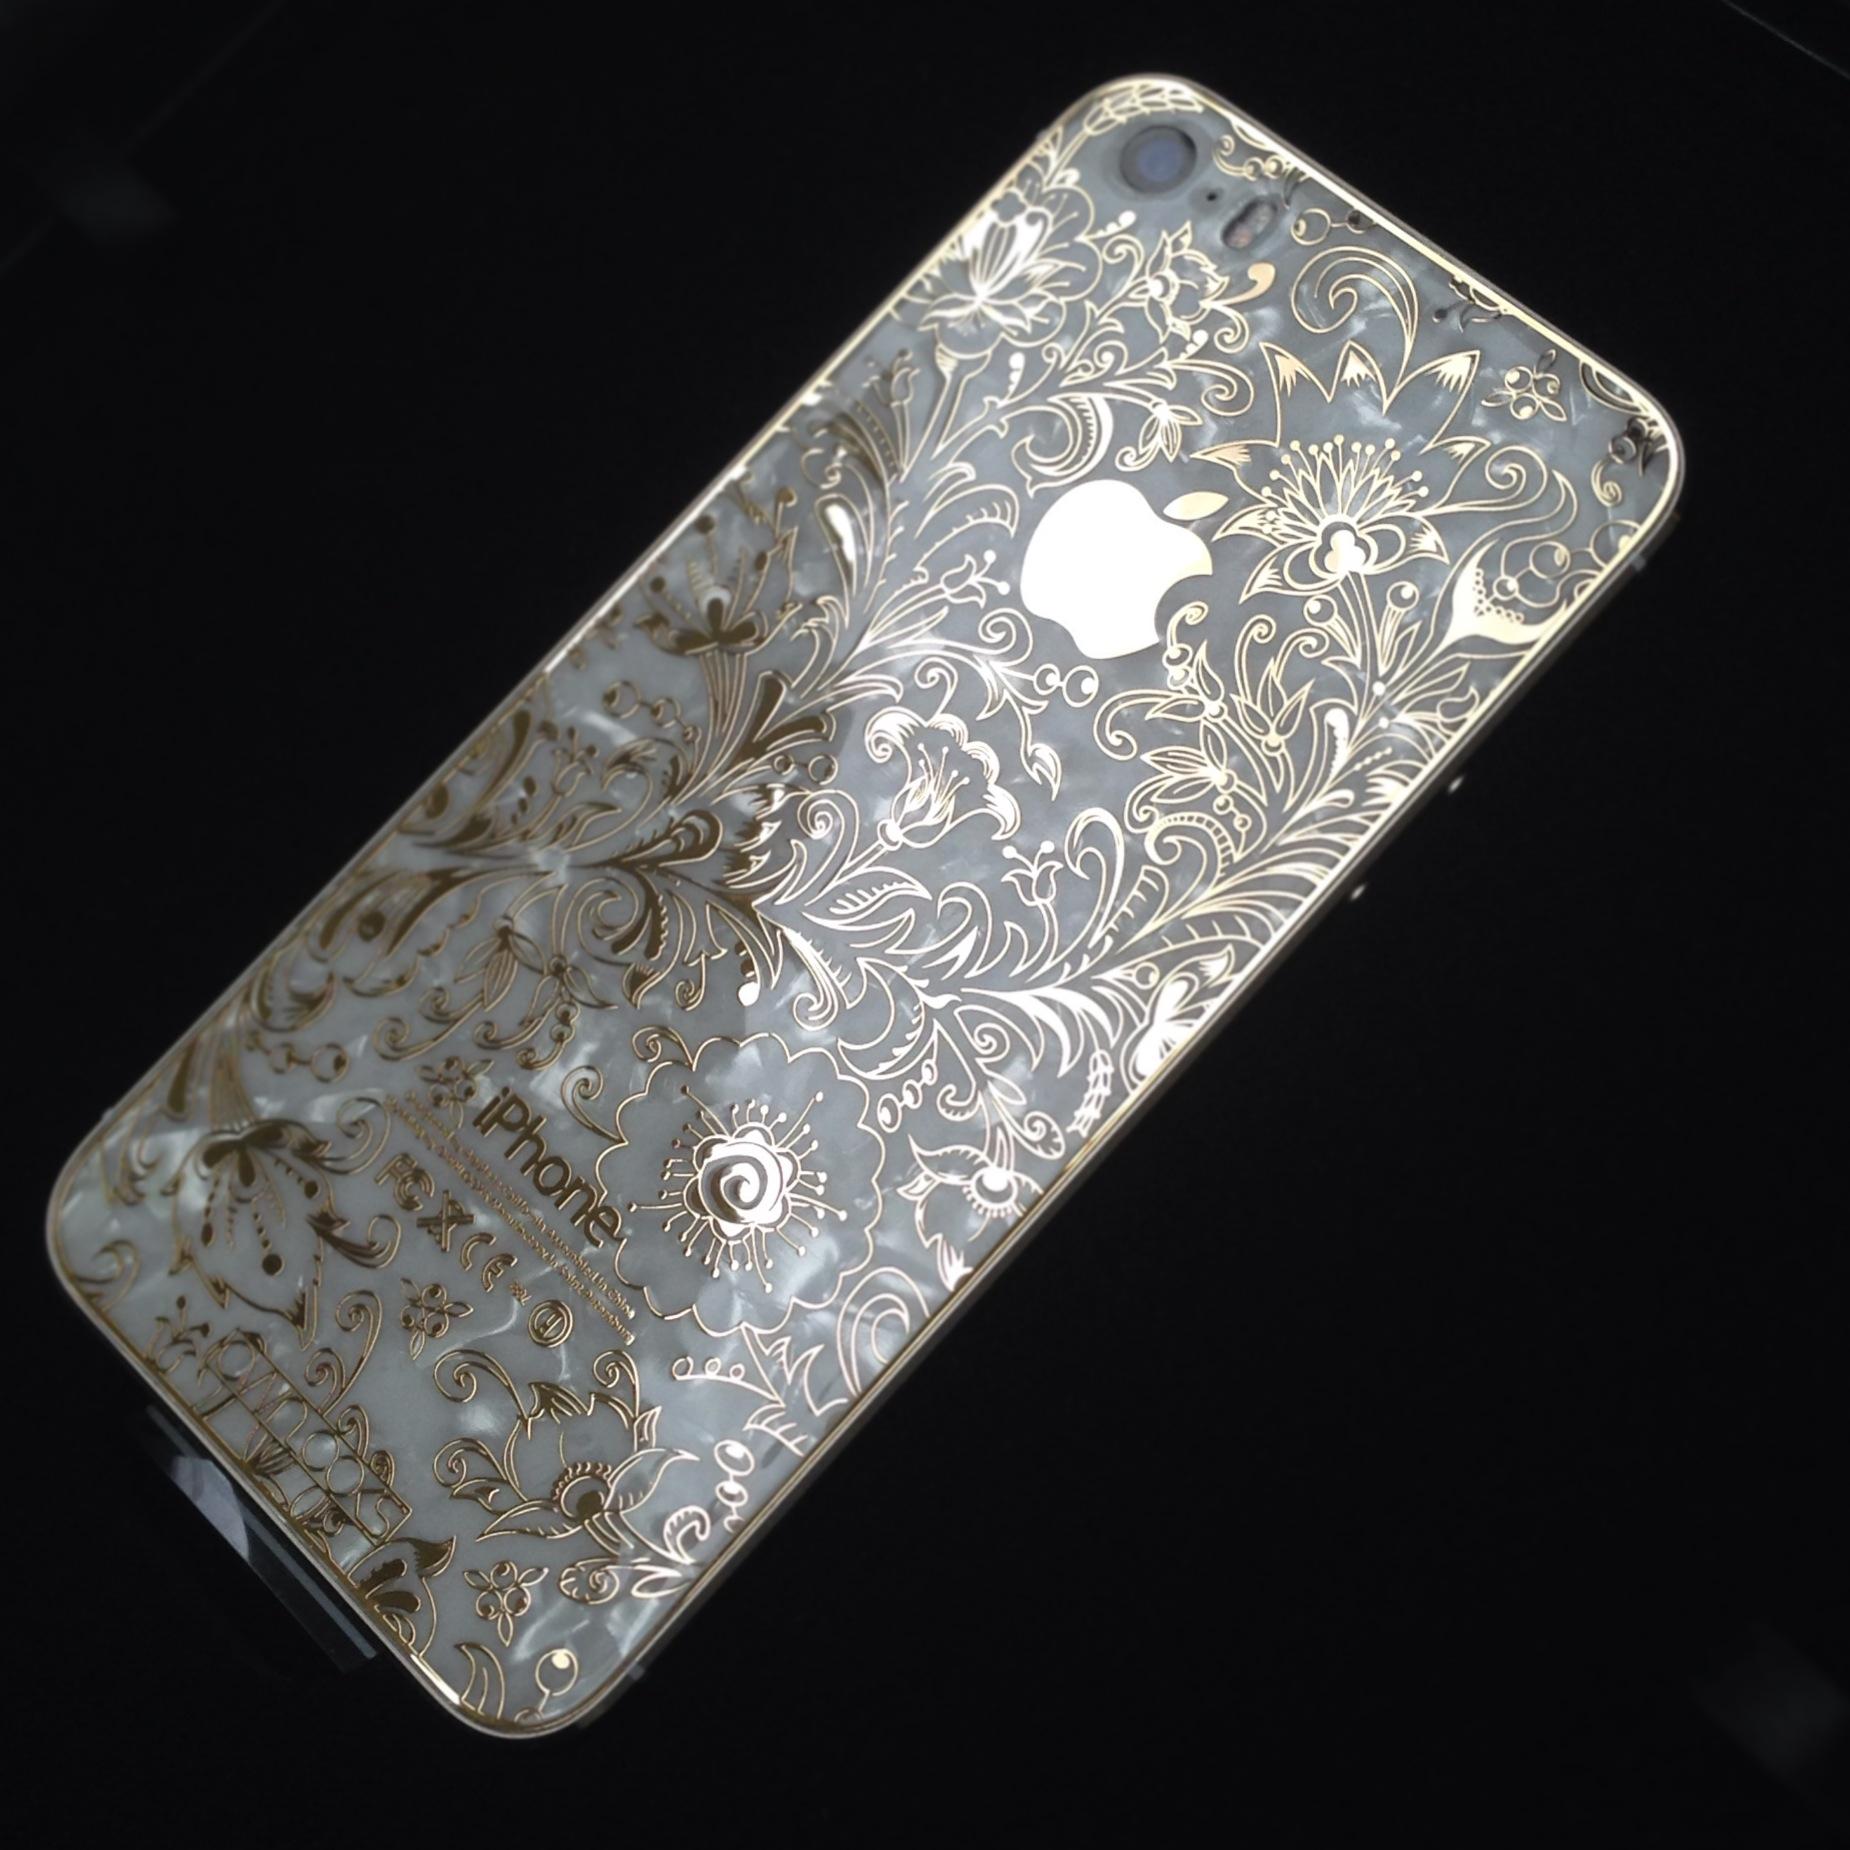 iPhone Assol 5S